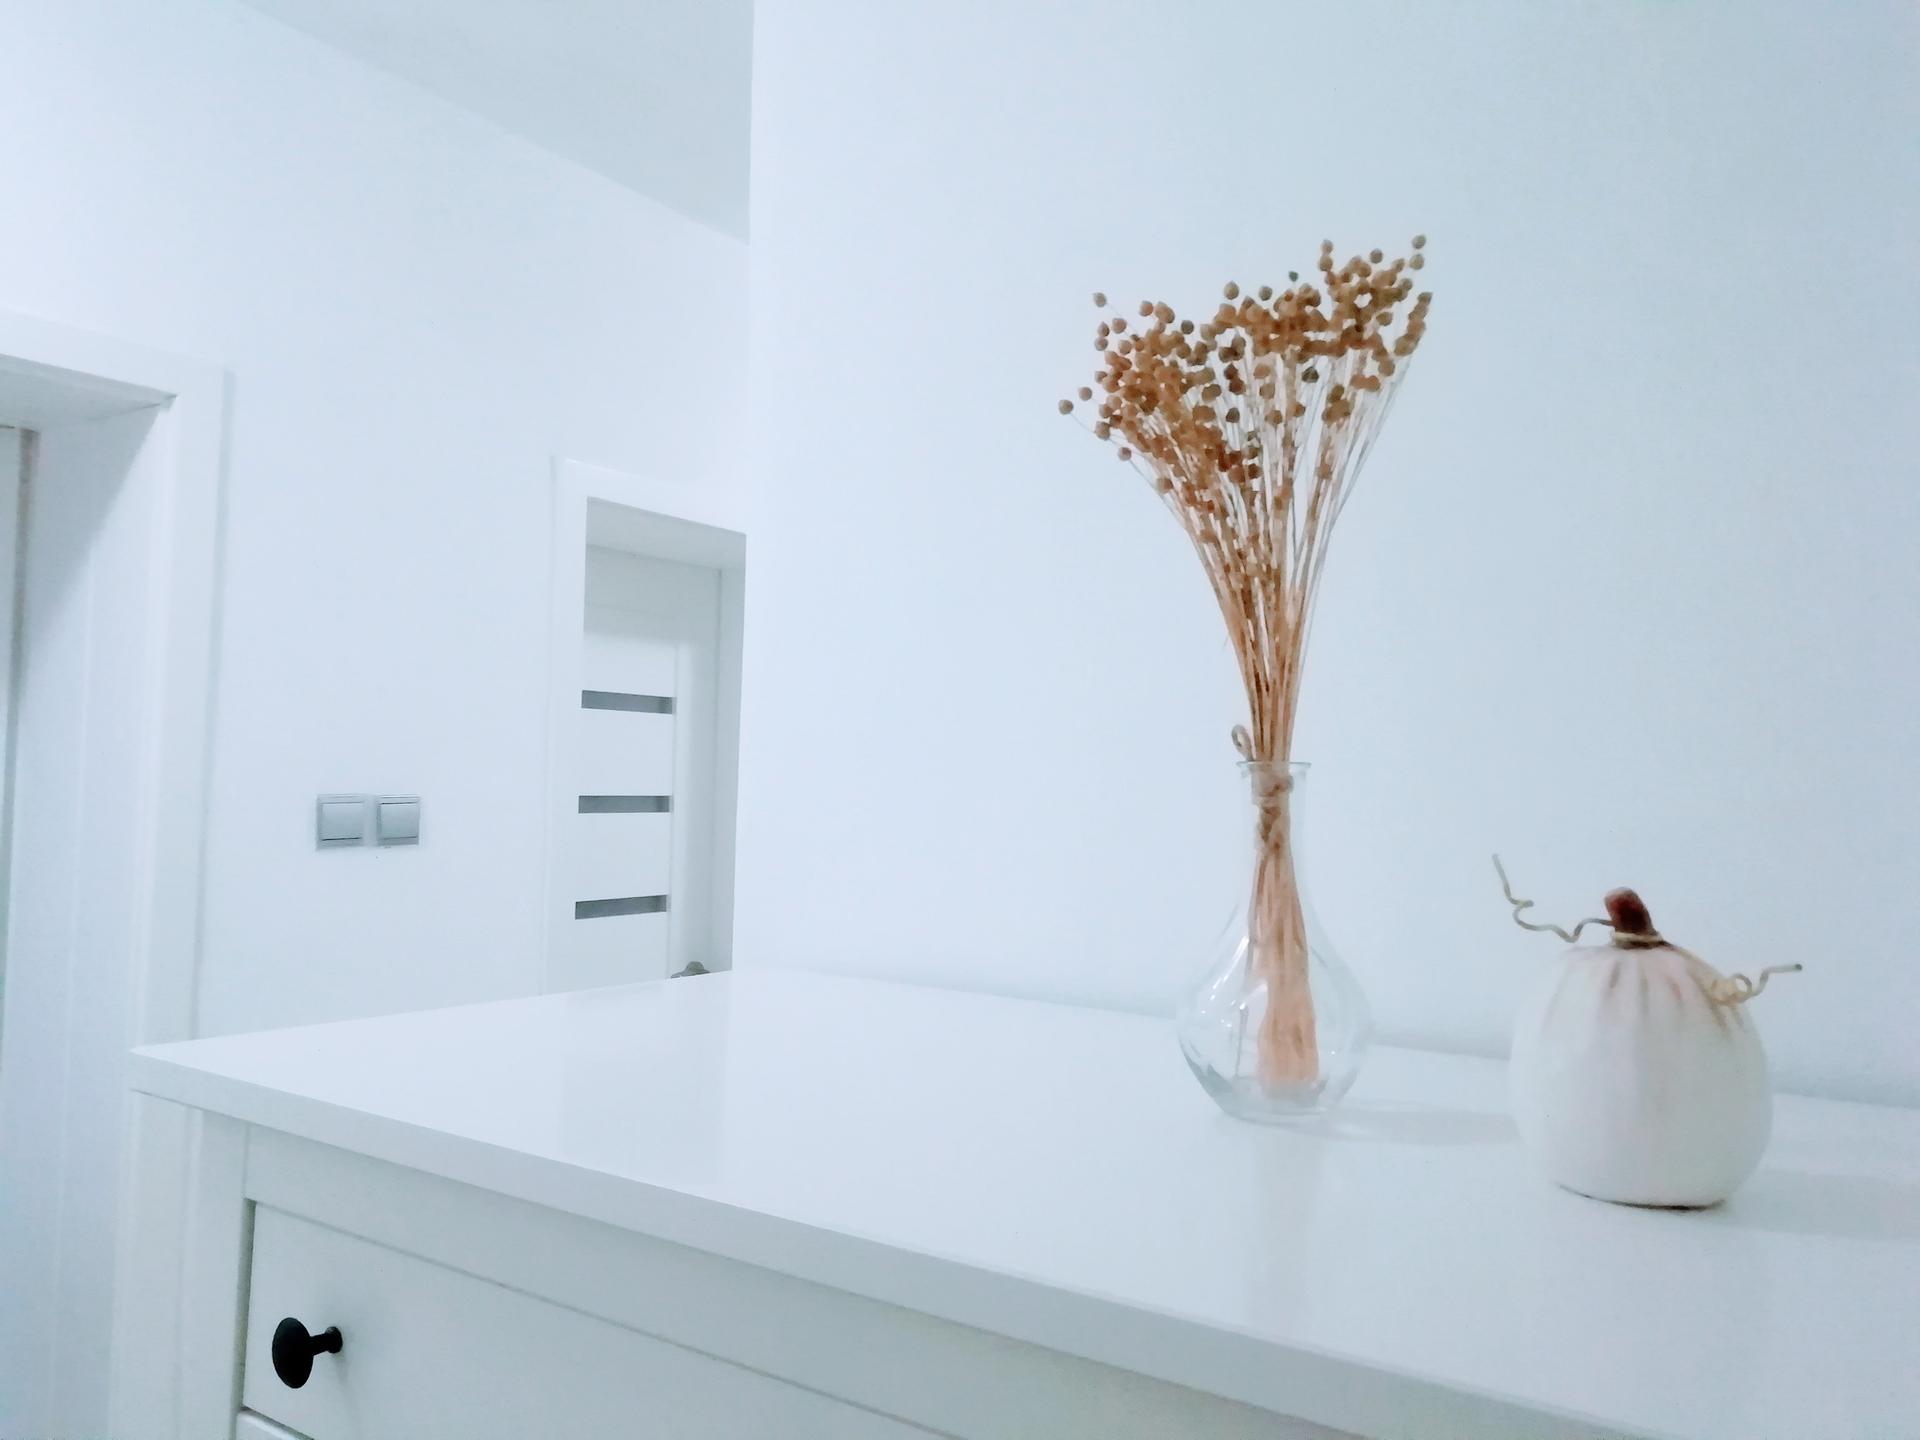 Prerábka kúpeľne, wc a chodby v byte - Obrázok č. 24